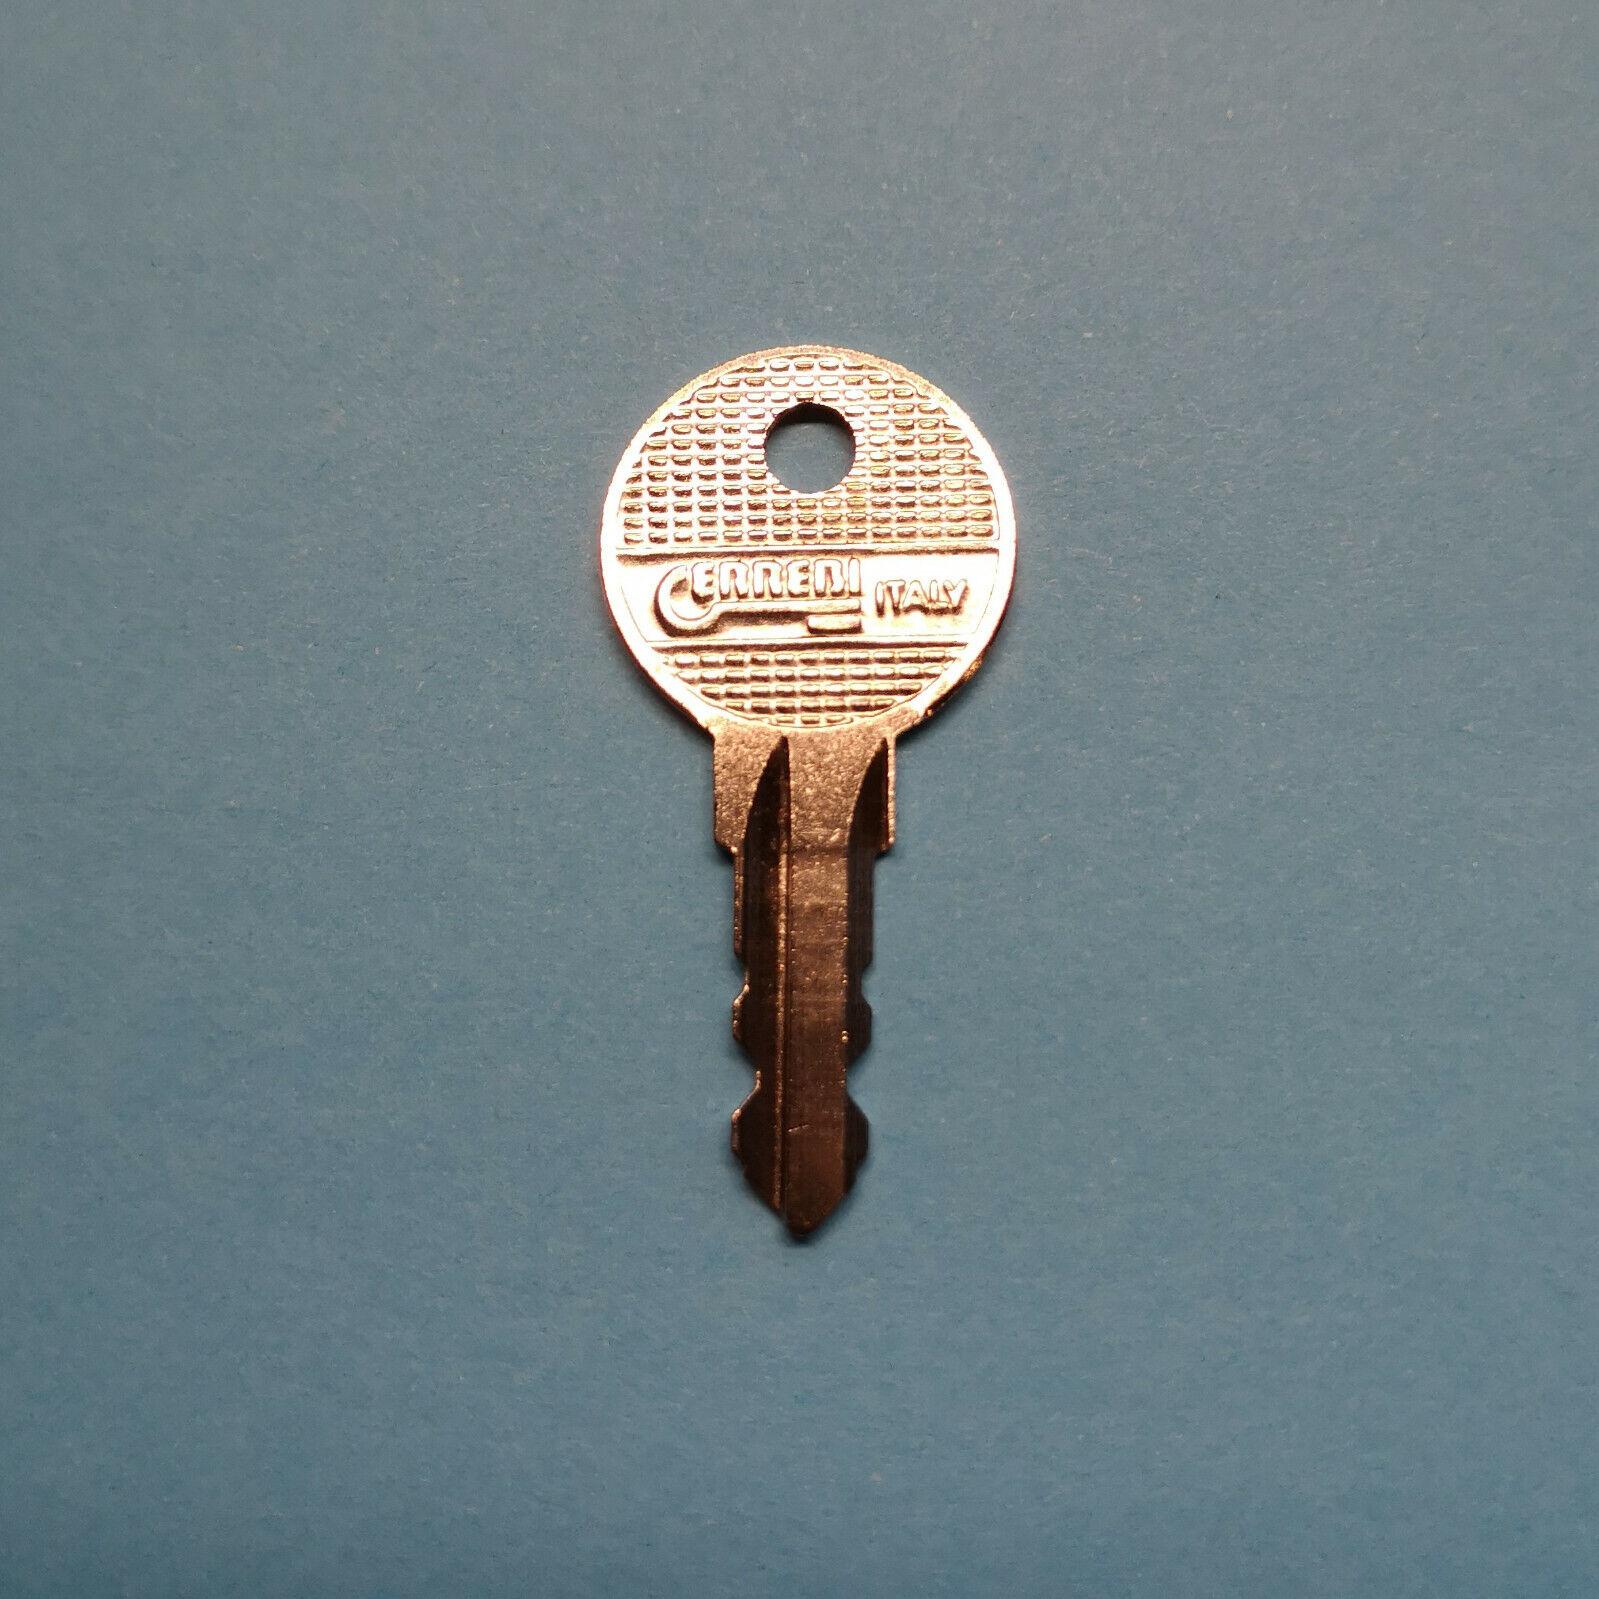 Ersatzschlüssel Y002 für Fahrradträger Systeme Schlüssel